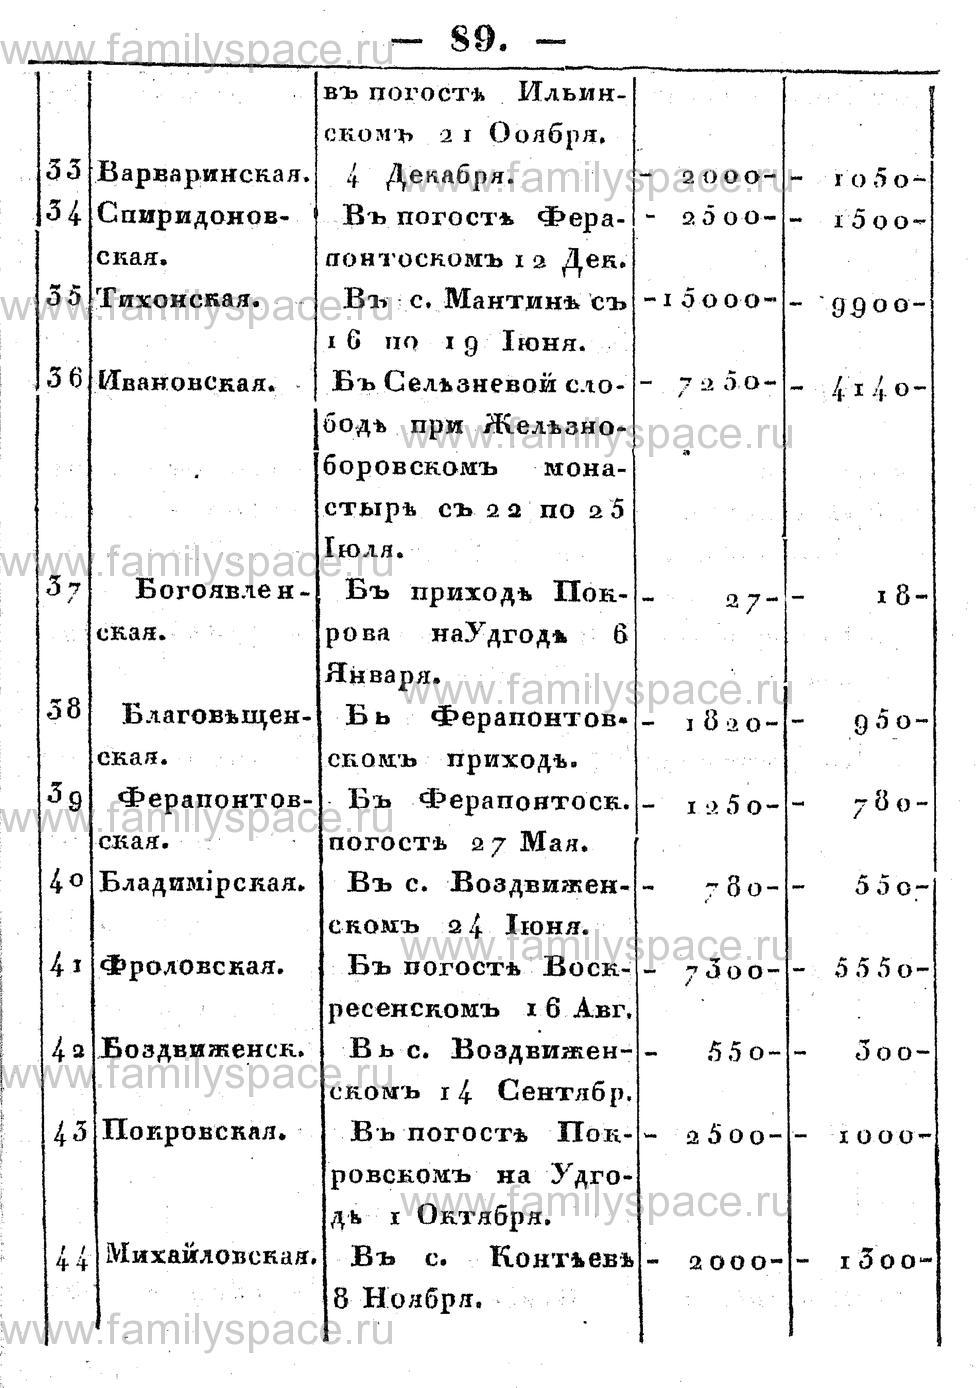 Поиск по фамилии - Памятная книжка Костромской губернии на 1853 год, страница 89